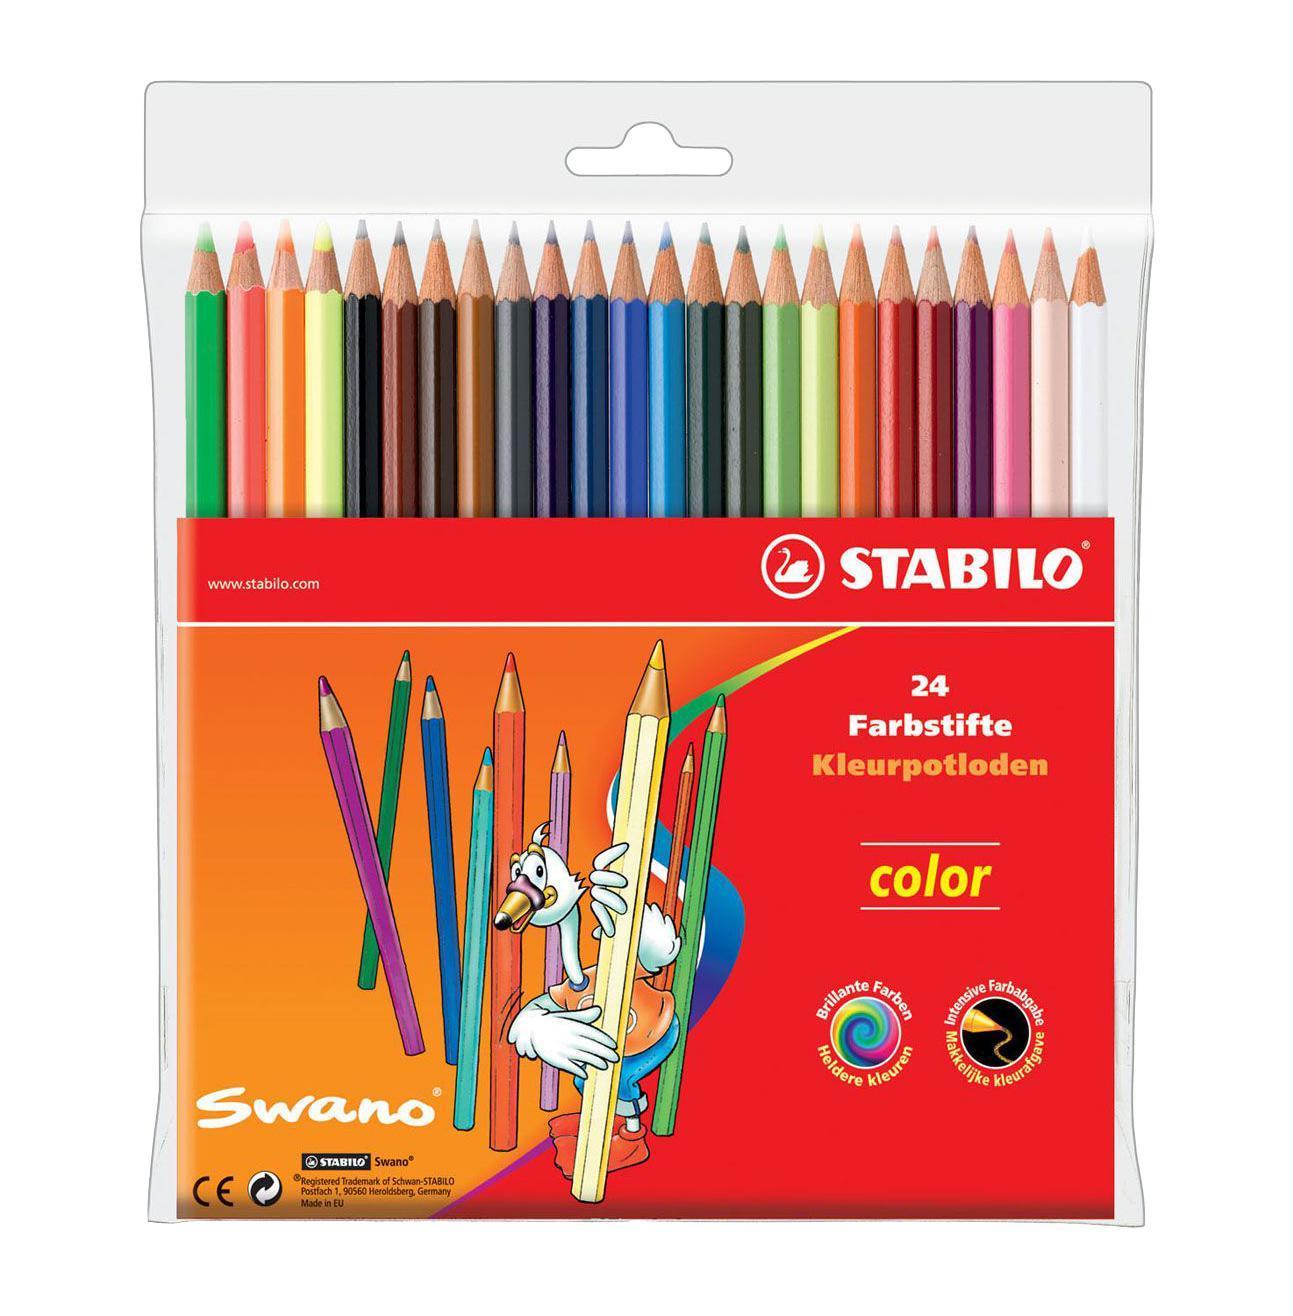 Карандаши цветные Stabilo Color, 24 цвета3553/18 8 KSЦветные карандаши STABILO color шестигранной формы. Широкая гамма цветов, которые отлично смешиваются и позволяют создавать огромное количество оттенков. Насыщенные цвета имеют высокую светостойкость. Мягкий грифель легко рисует на бумаге, не царапая ее и не крошась. Карандаши не ломаются при рисовании и затачивании. В наборе 20 базовых цветов и 4 флуоресцентных цвета. Характеристики:Материал:дерево. Диаметр карандаша:0,7 см. Диаметр грифеля:2,5 мм. Длина карандаша:17,5 см. Размер упаковки:18 см х 17,5 см х 1 см. Изготовитель:Германия.